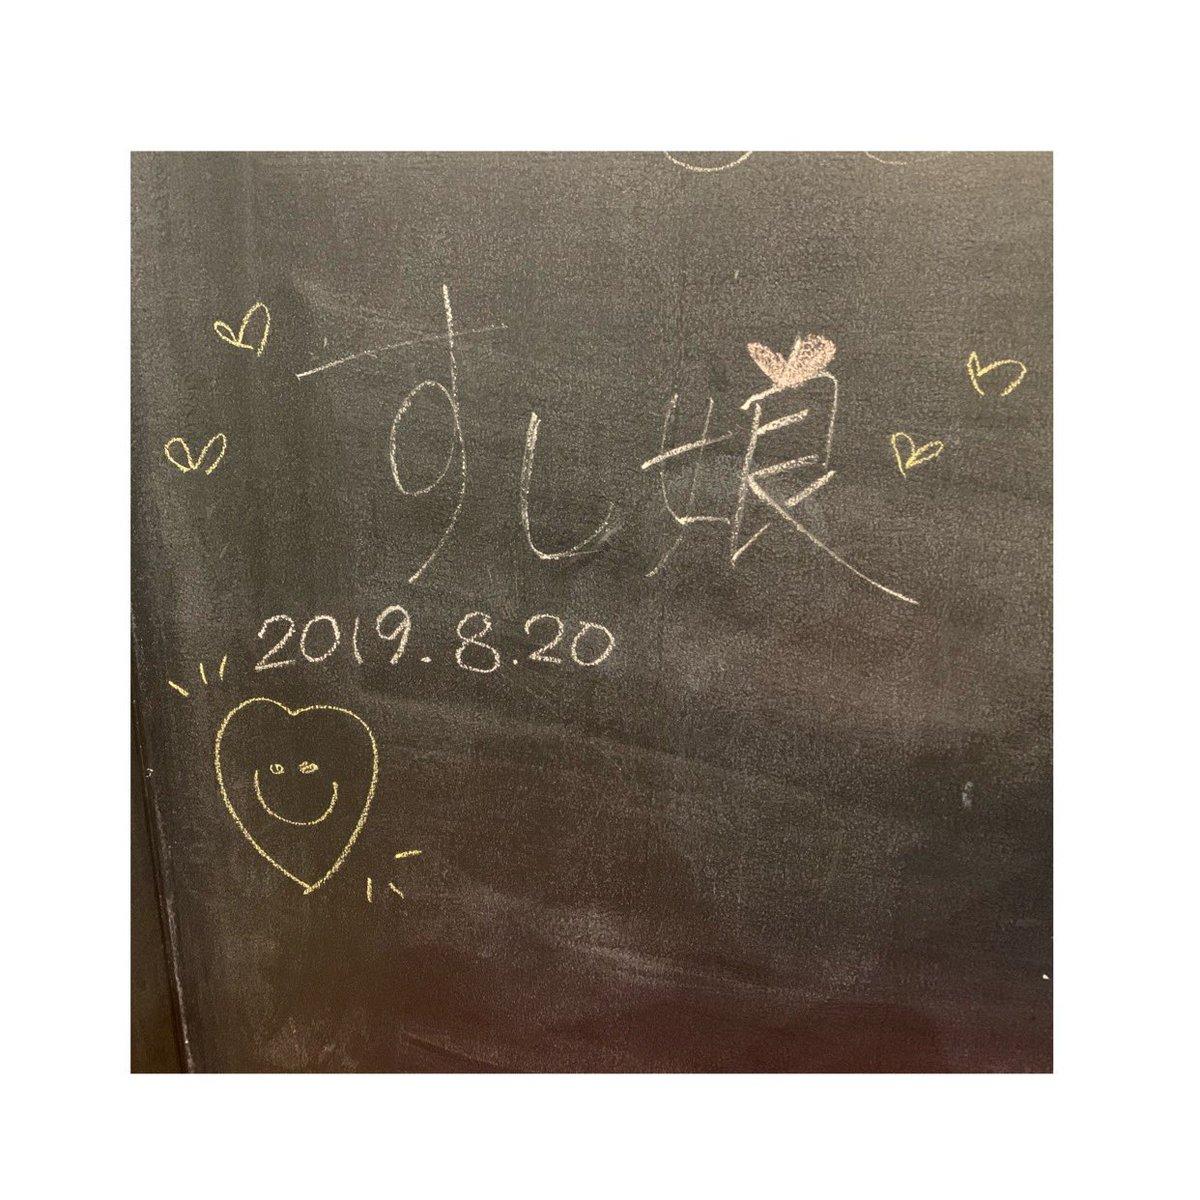 ブログ更新💫\08.20/ 🐮🐮☺︎インスタライブありがとうございました💌💭明日は樟葉駅にて16:30〜路上LIVEです!!!🌟25日jouleワンマンチケットぜひぜひゲットしてください🙇🏻♀️🥺✏️